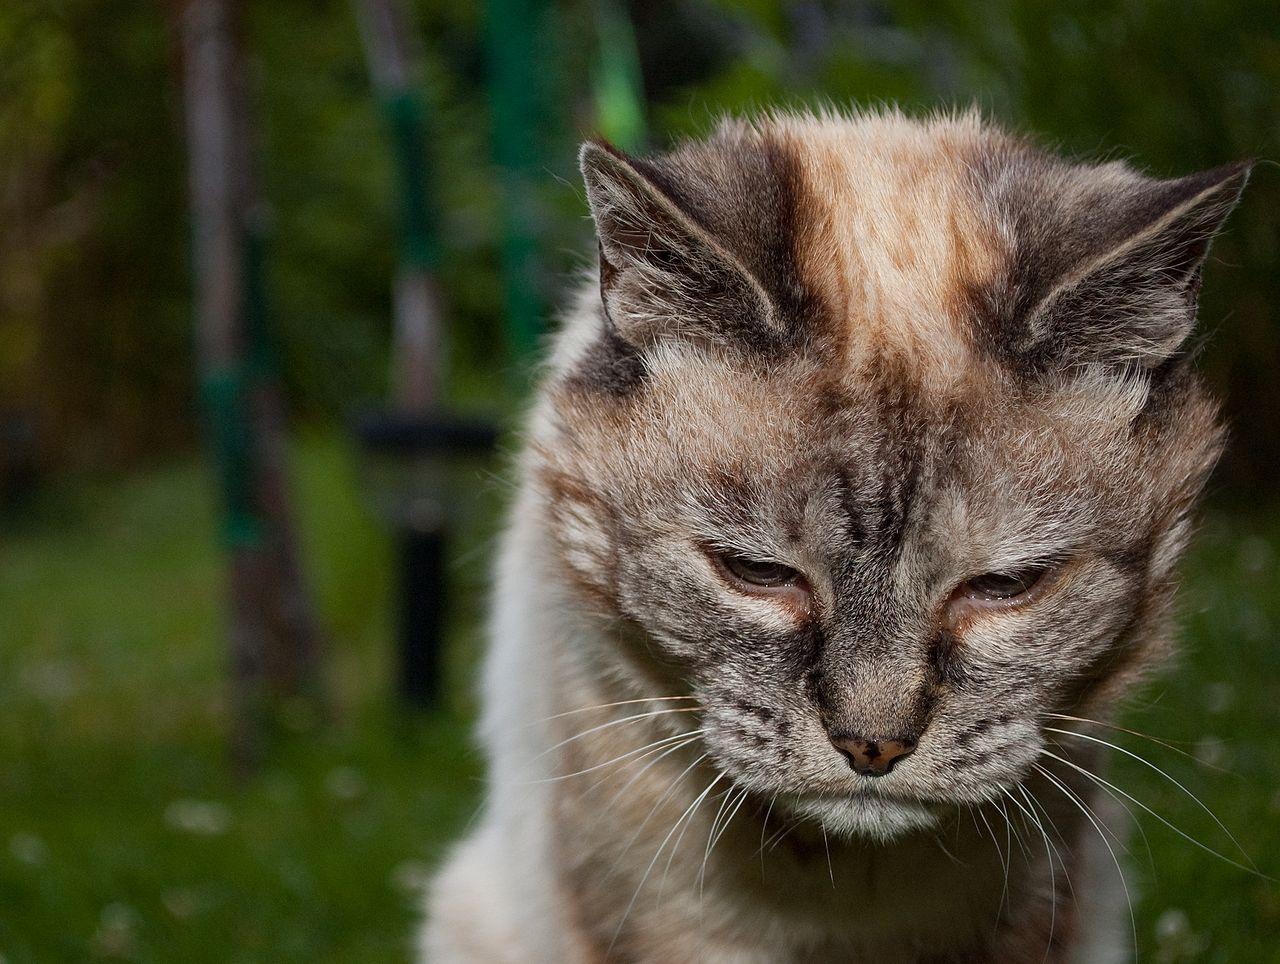 Türkiye'de 15 Milyon Kişi Evini Kedilerle Paylaşıyor 53